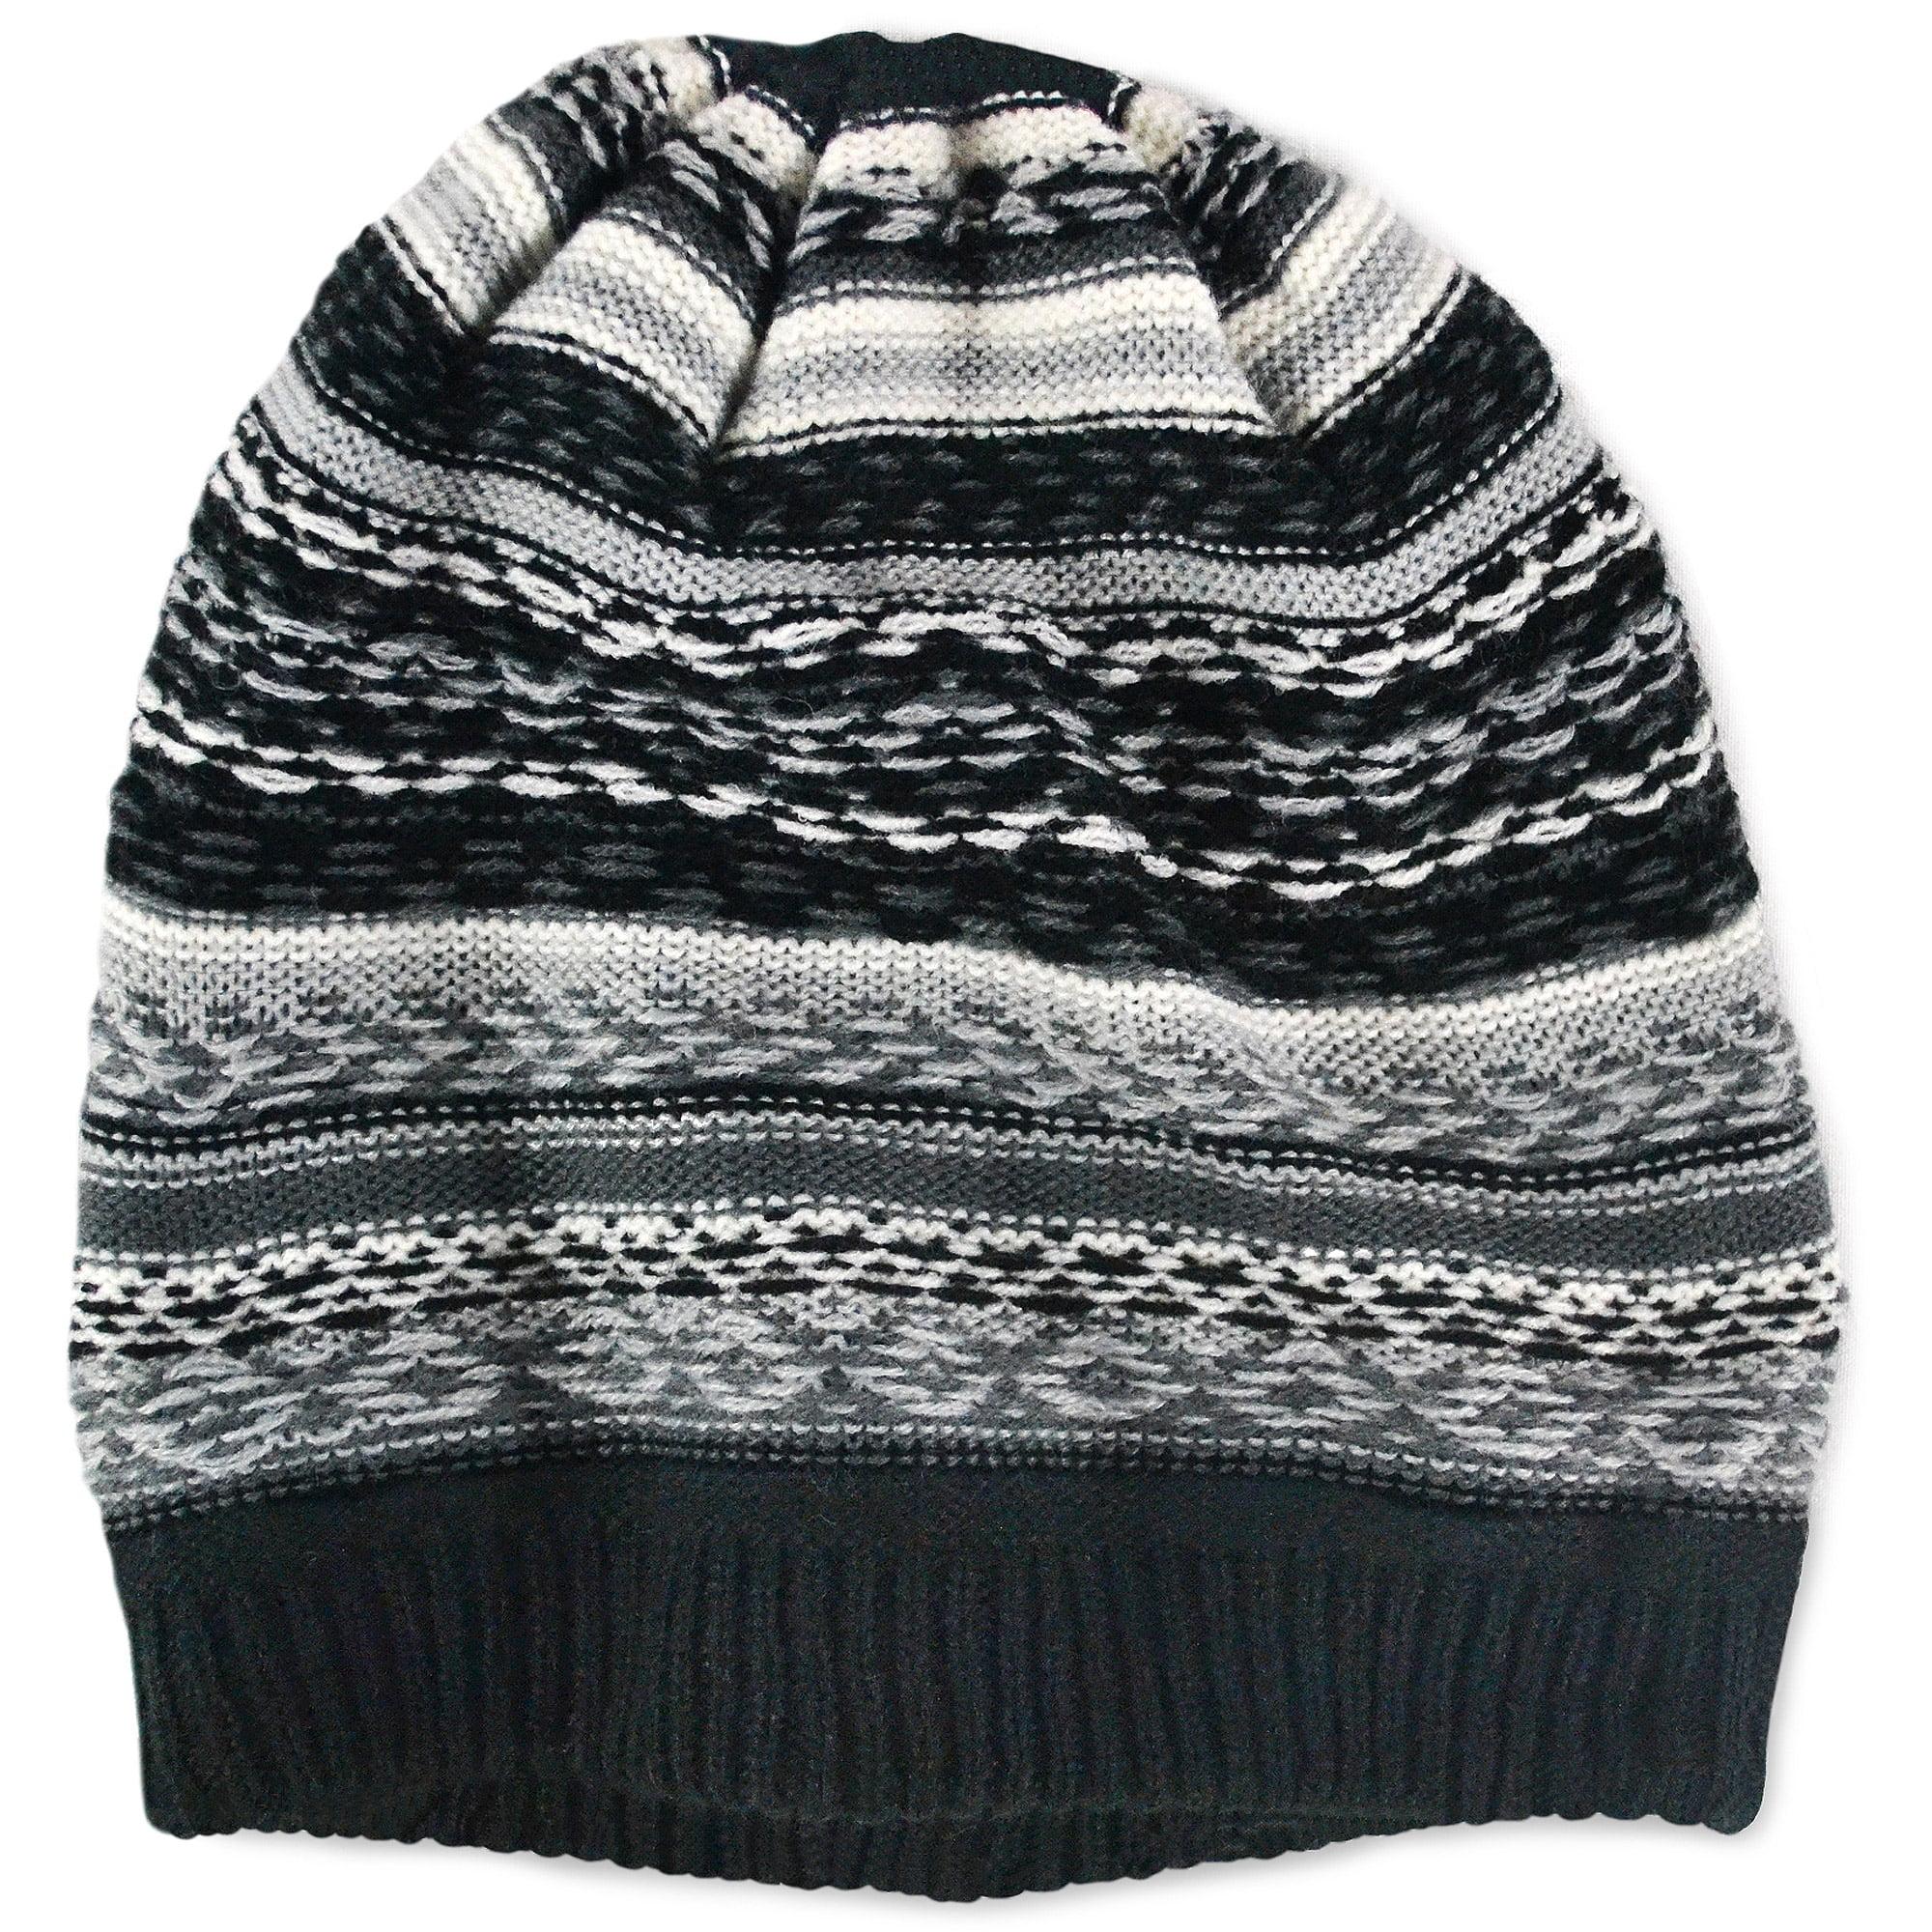 C.C - C.C Women s Thick Soft Knit Beanie Cap Hat - Walmart.com 97efca631e2